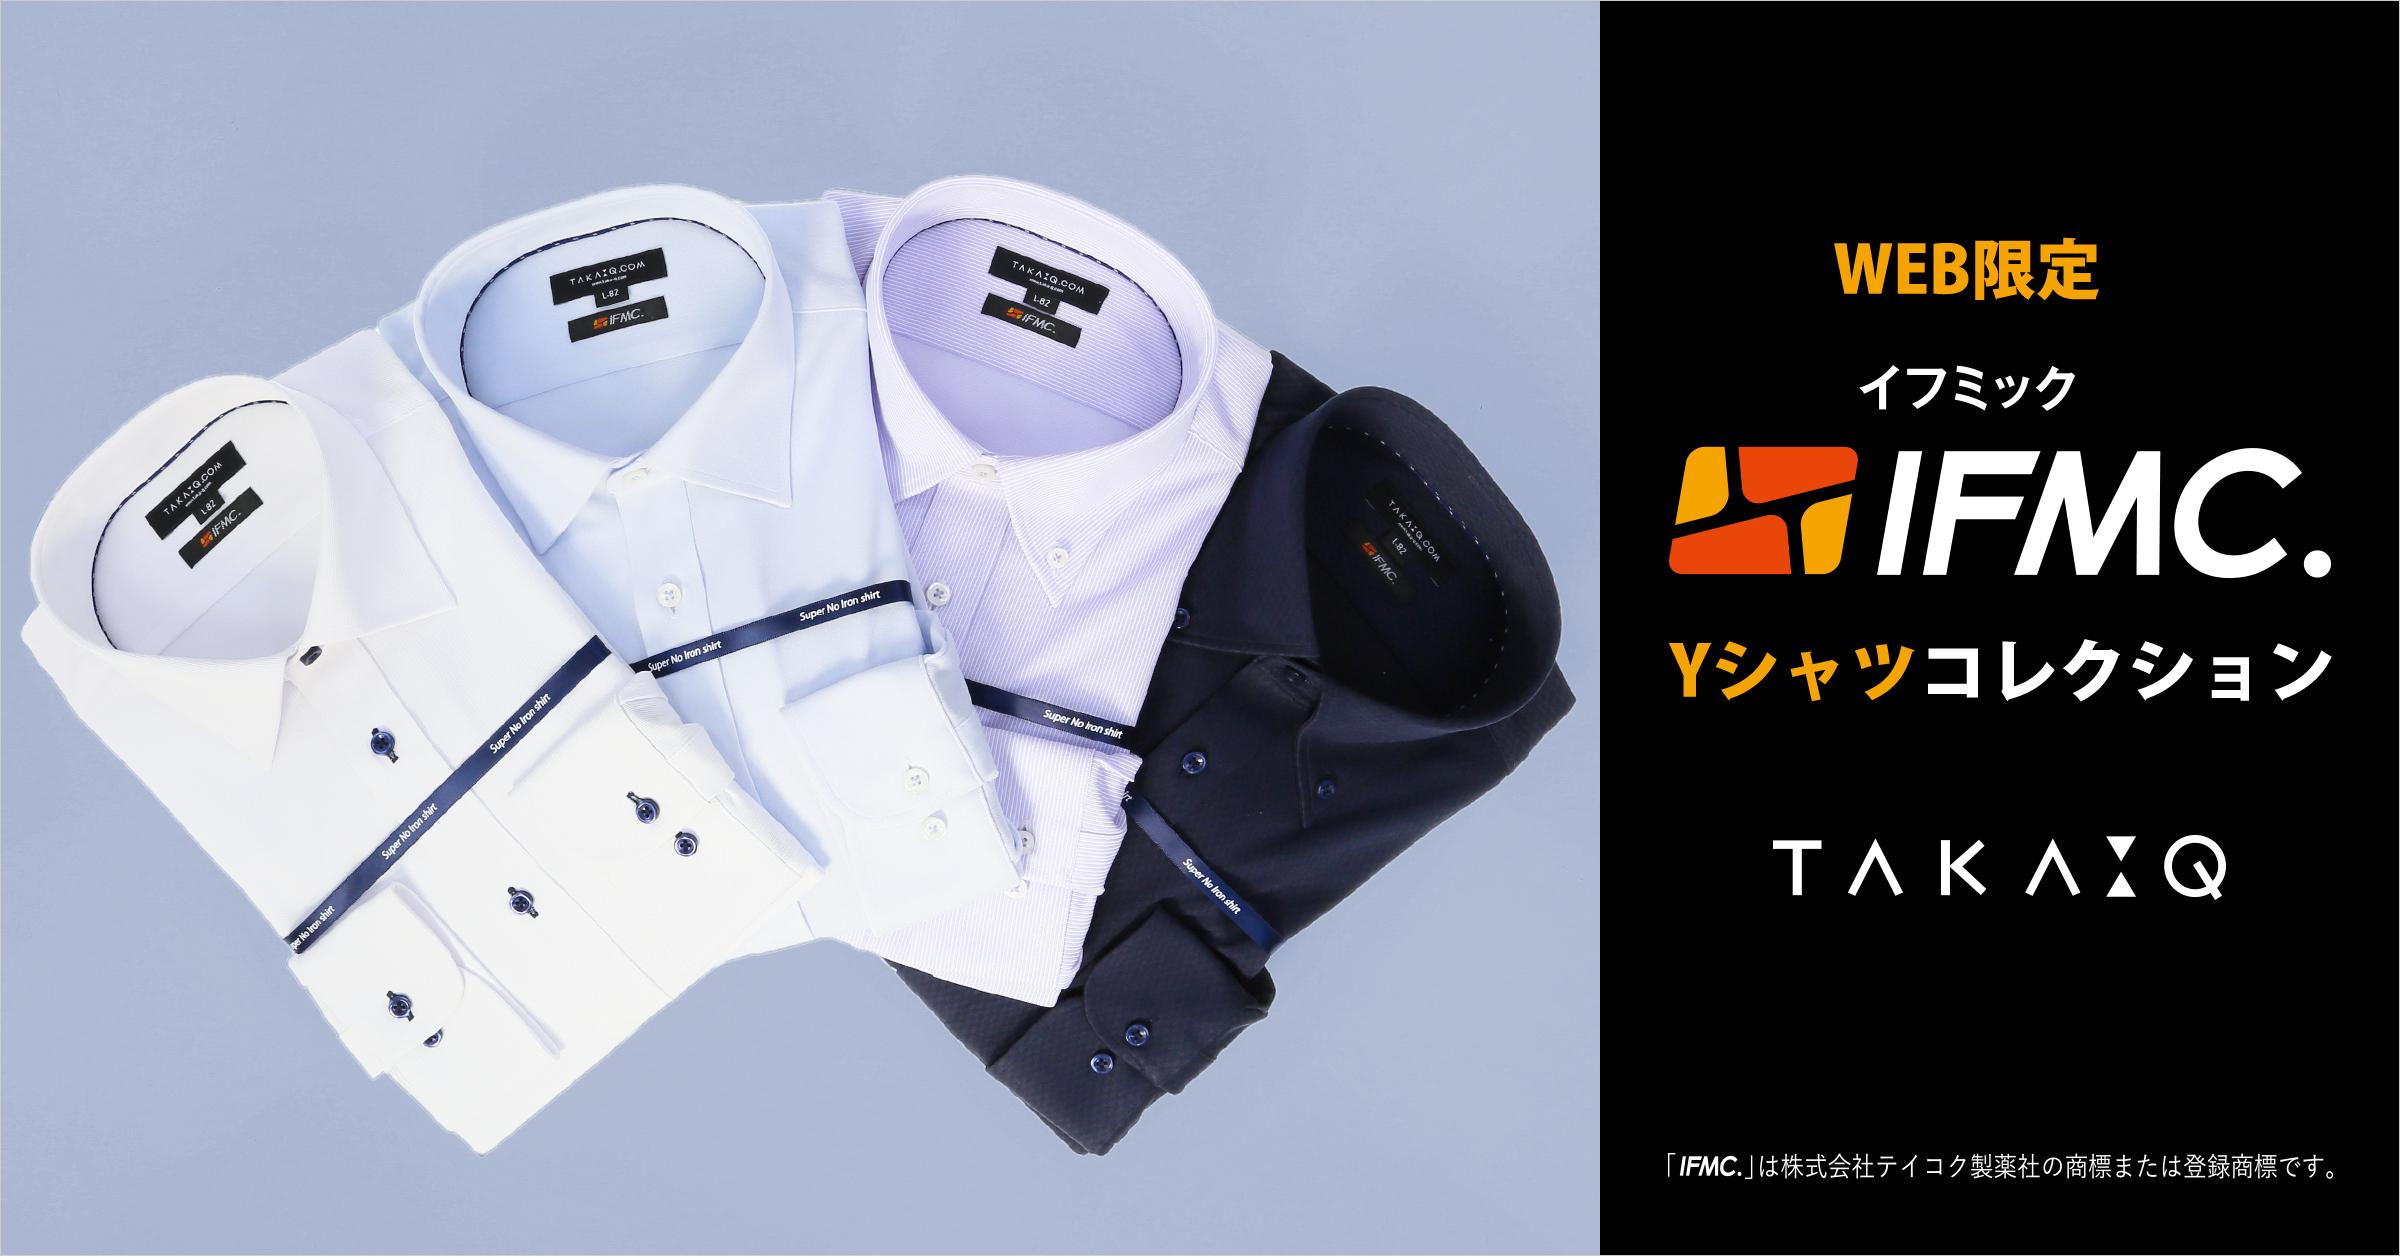 TAKA-Q(タカキュー) IFMC(イフミック)Yシャツコレクション